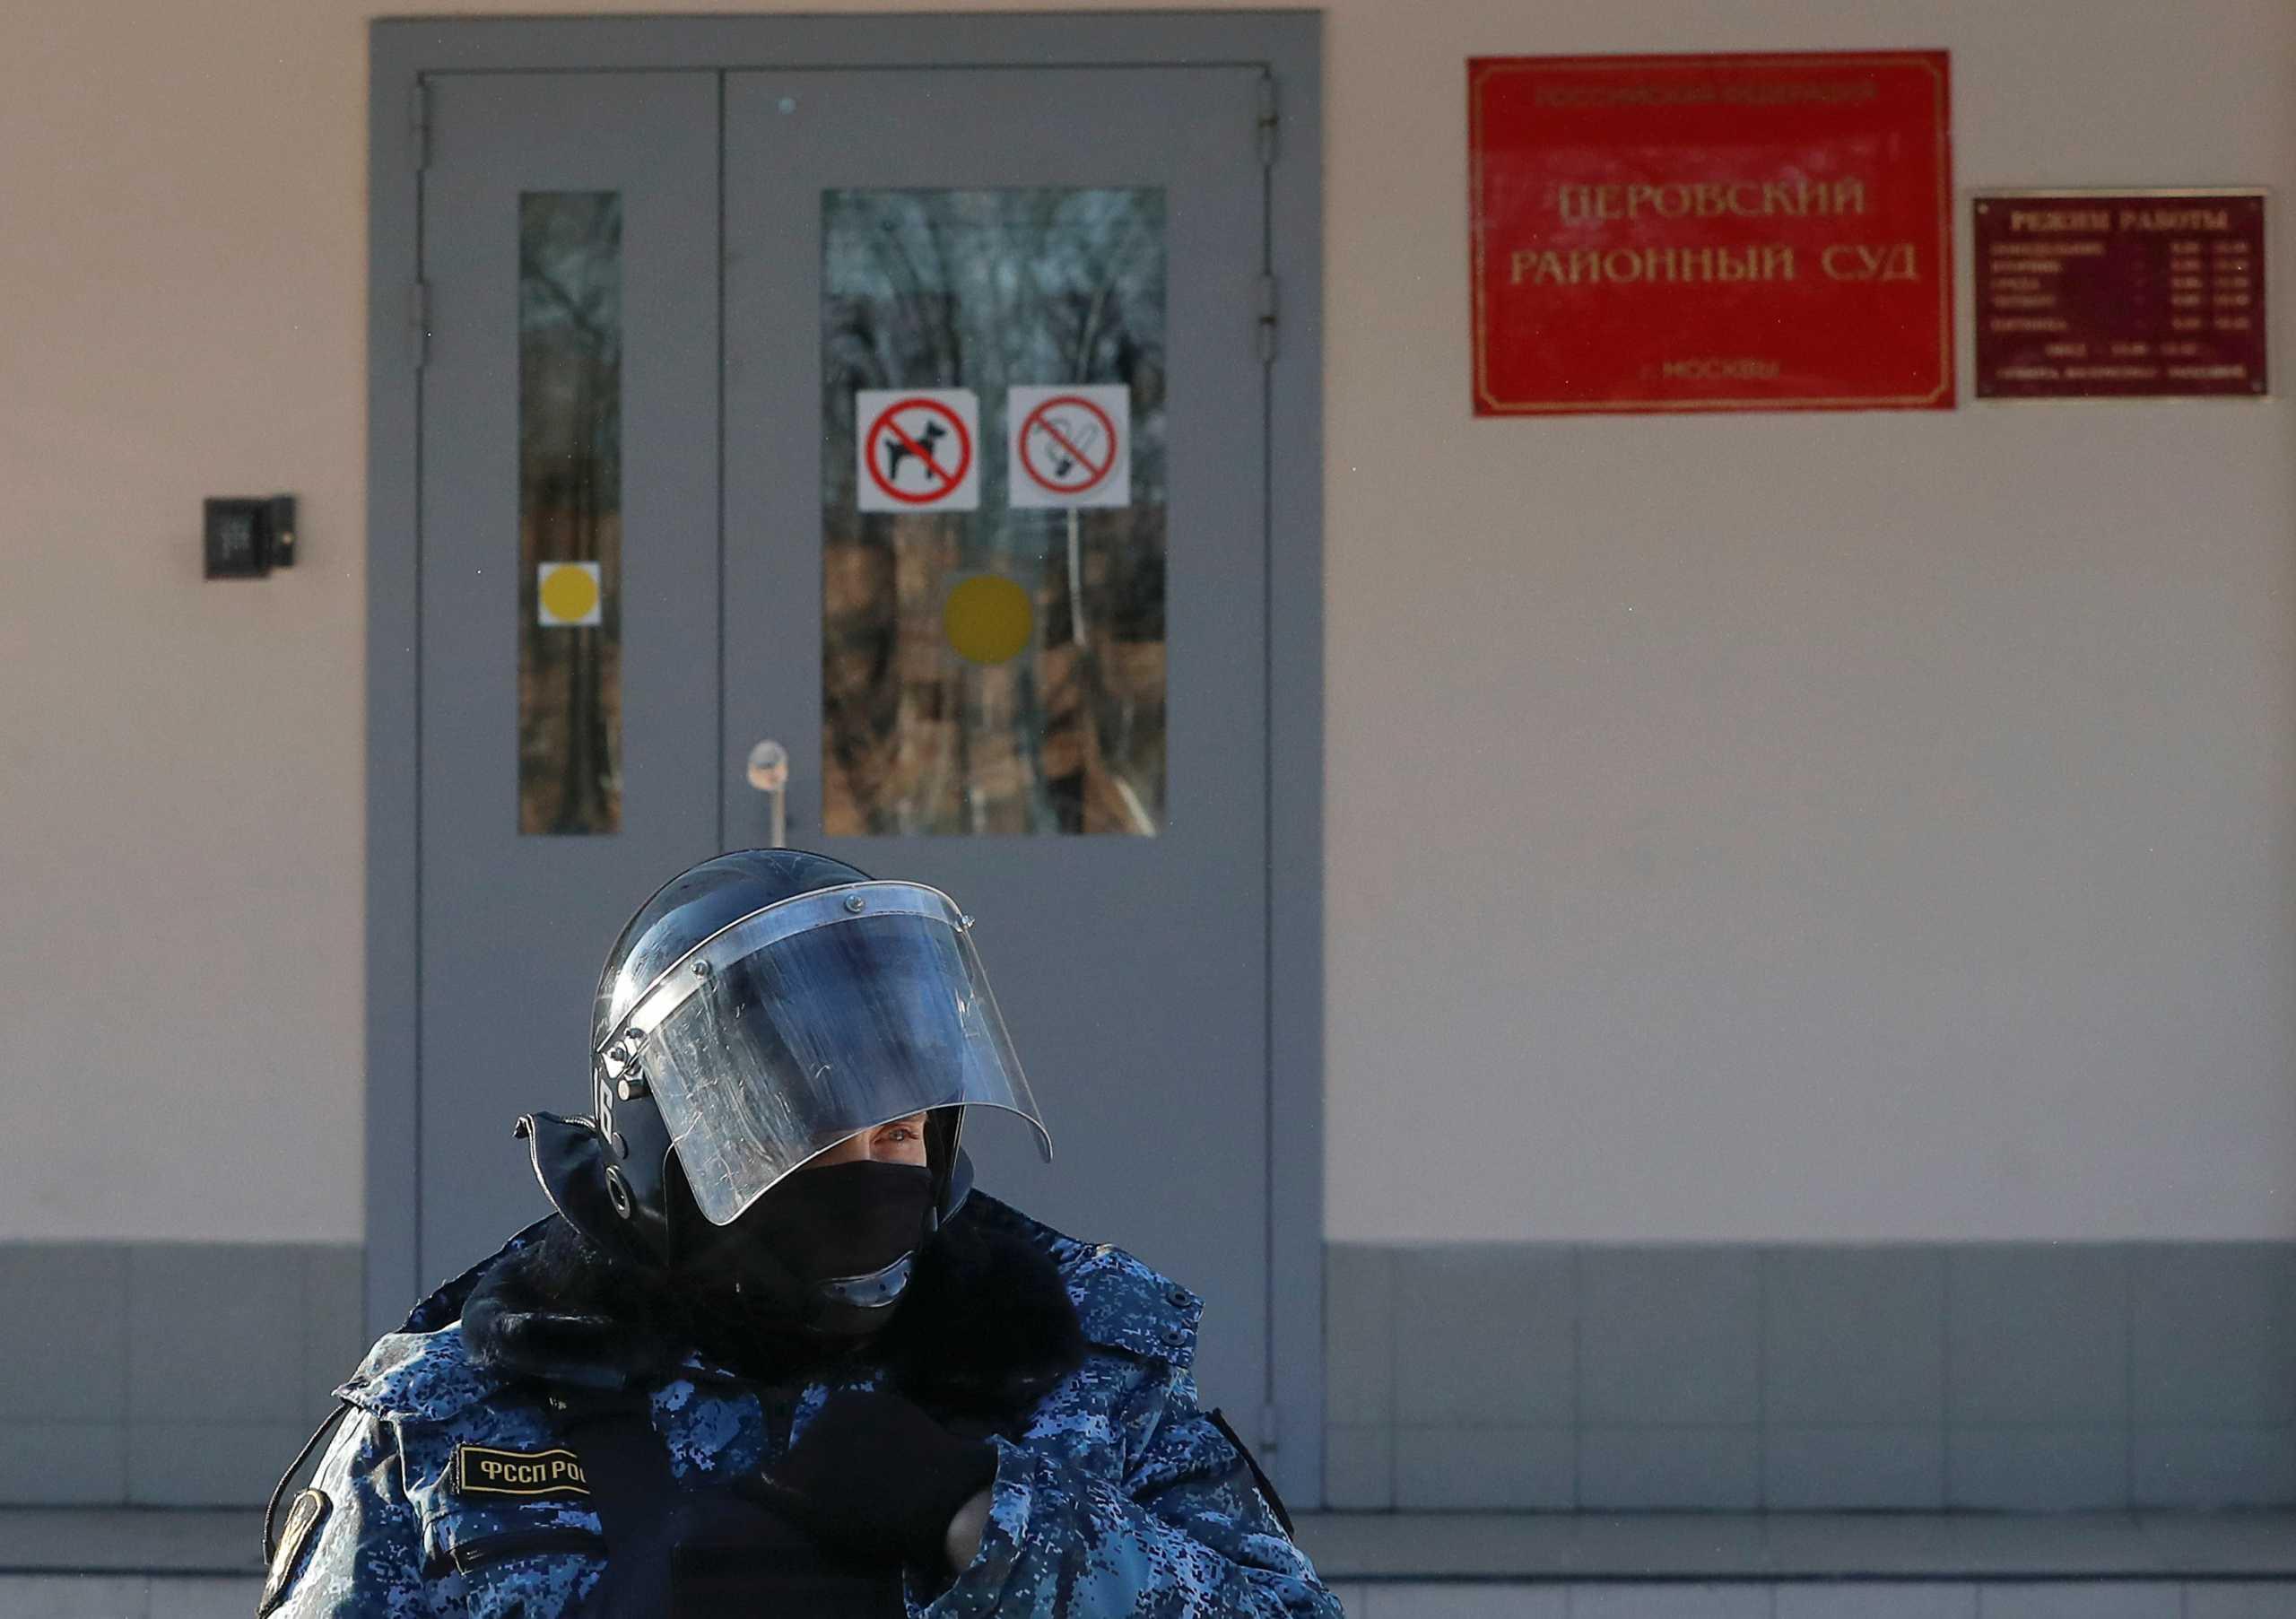 Συναγερμός στη Μόσχα: Επιτέθηκαν σε γραφεία εφημερίδας με άγνωστη χημική ουσία (pics)